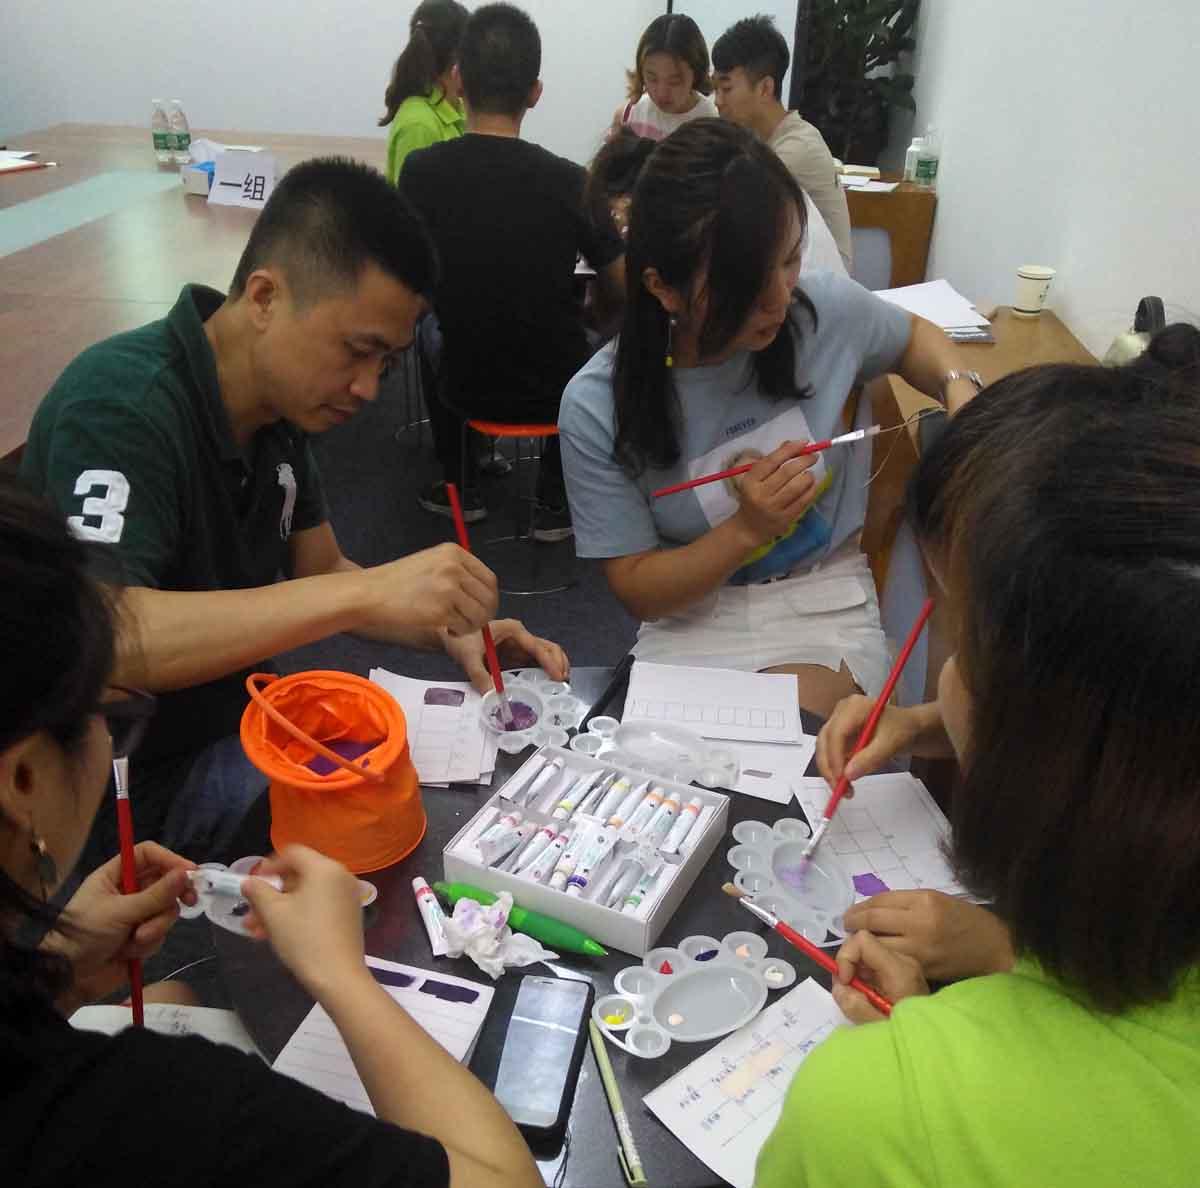 成都室内设计培训,成都明思源设计学校,室内设计培训